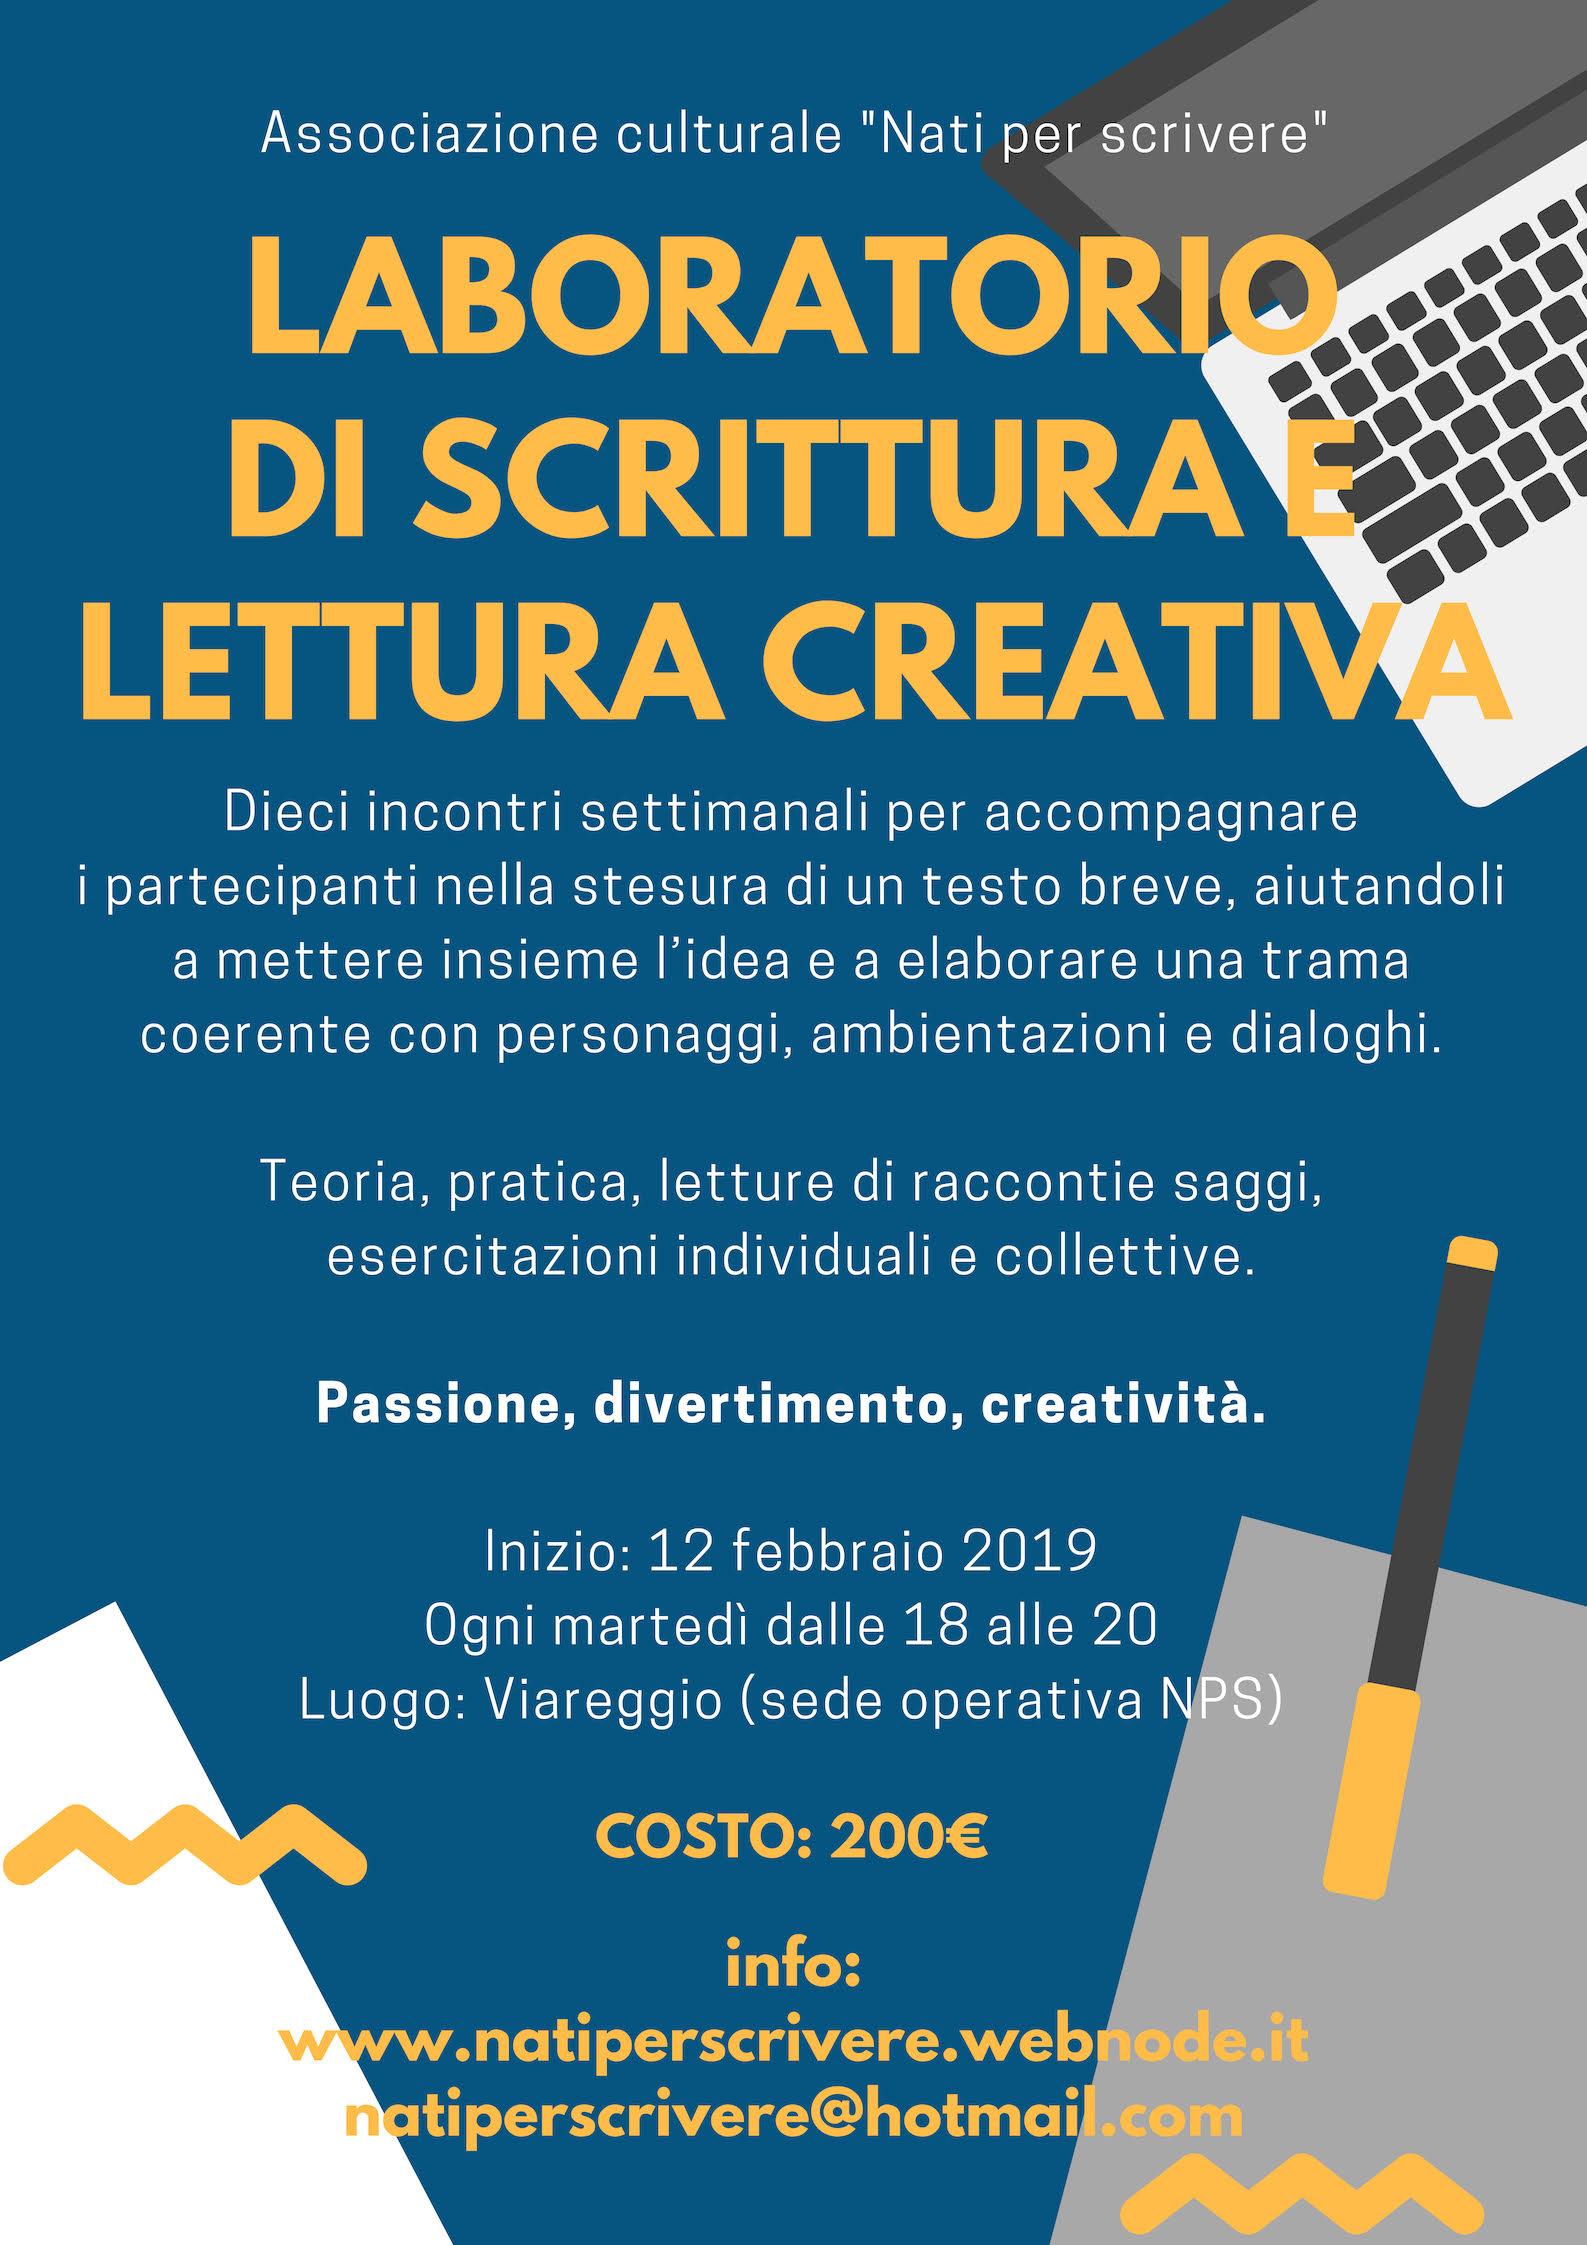 Laboratorio di scrittura creativa @ Sede operativa NPS, Viareggio